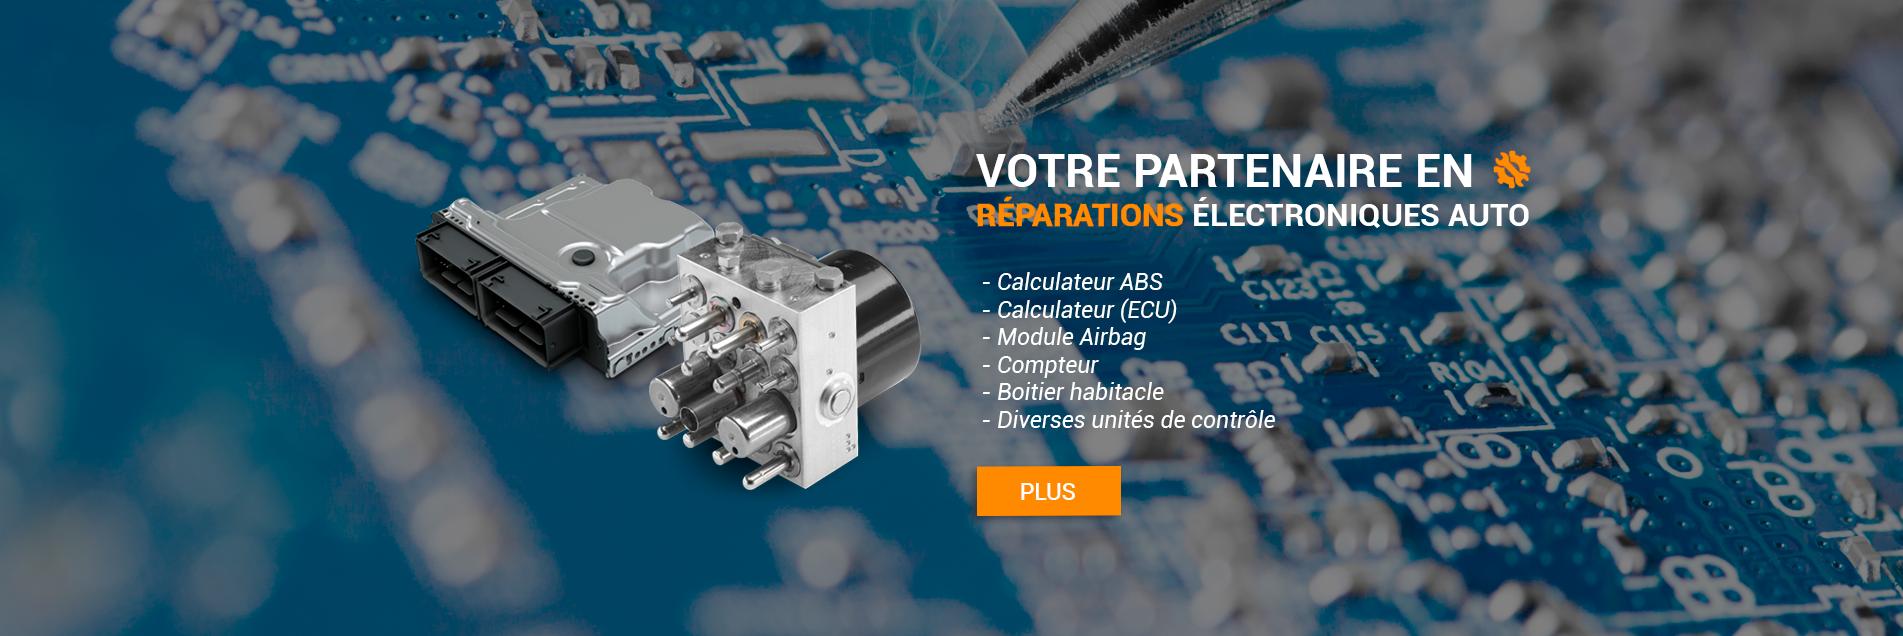 Votre partenaire en réparations électroniques auto